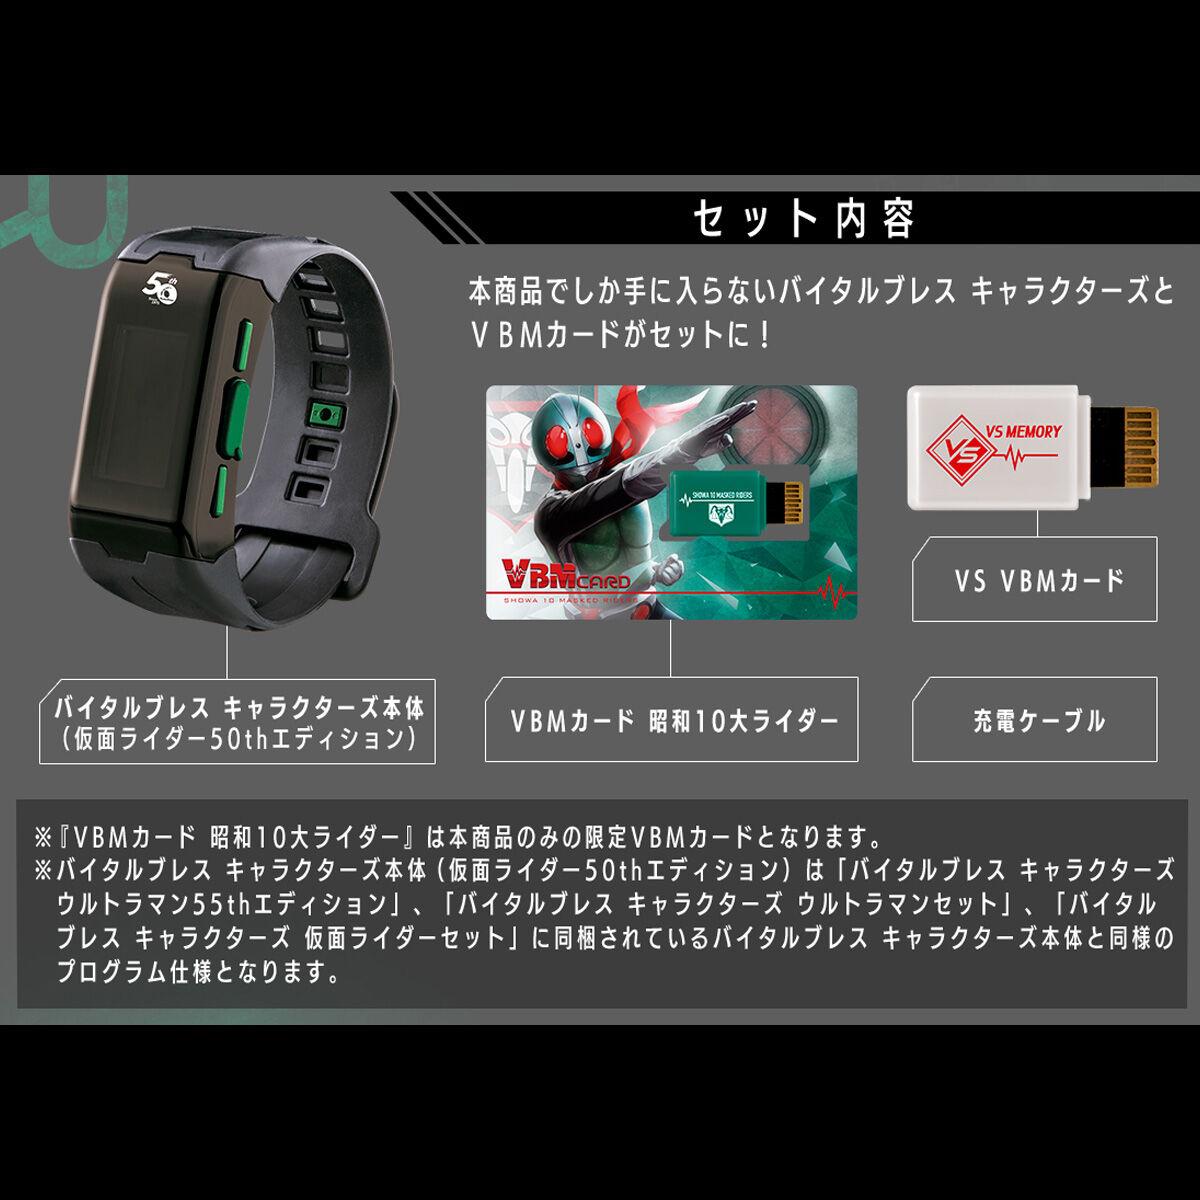 【限定販売】仮面ライダー『バイタルブレス キャラクターズ 仮面ライダー50thエディション』ウェアラブル液晶玩具-002